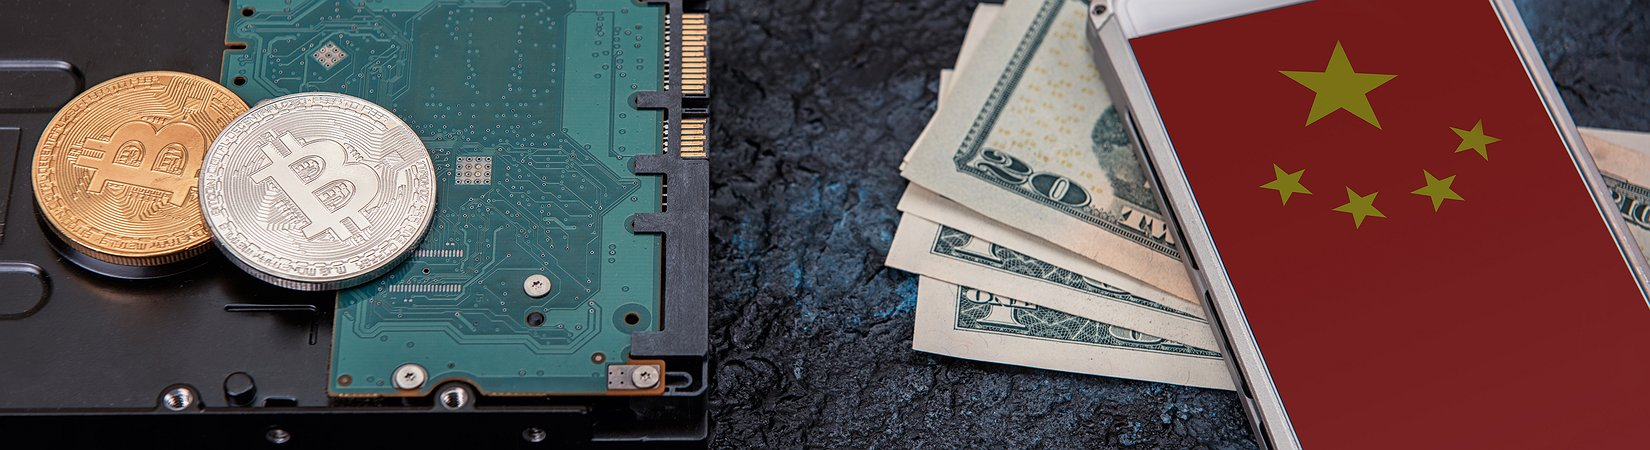 Mineração na China: Bitcoin pode cair 50% e continuar lucrativa